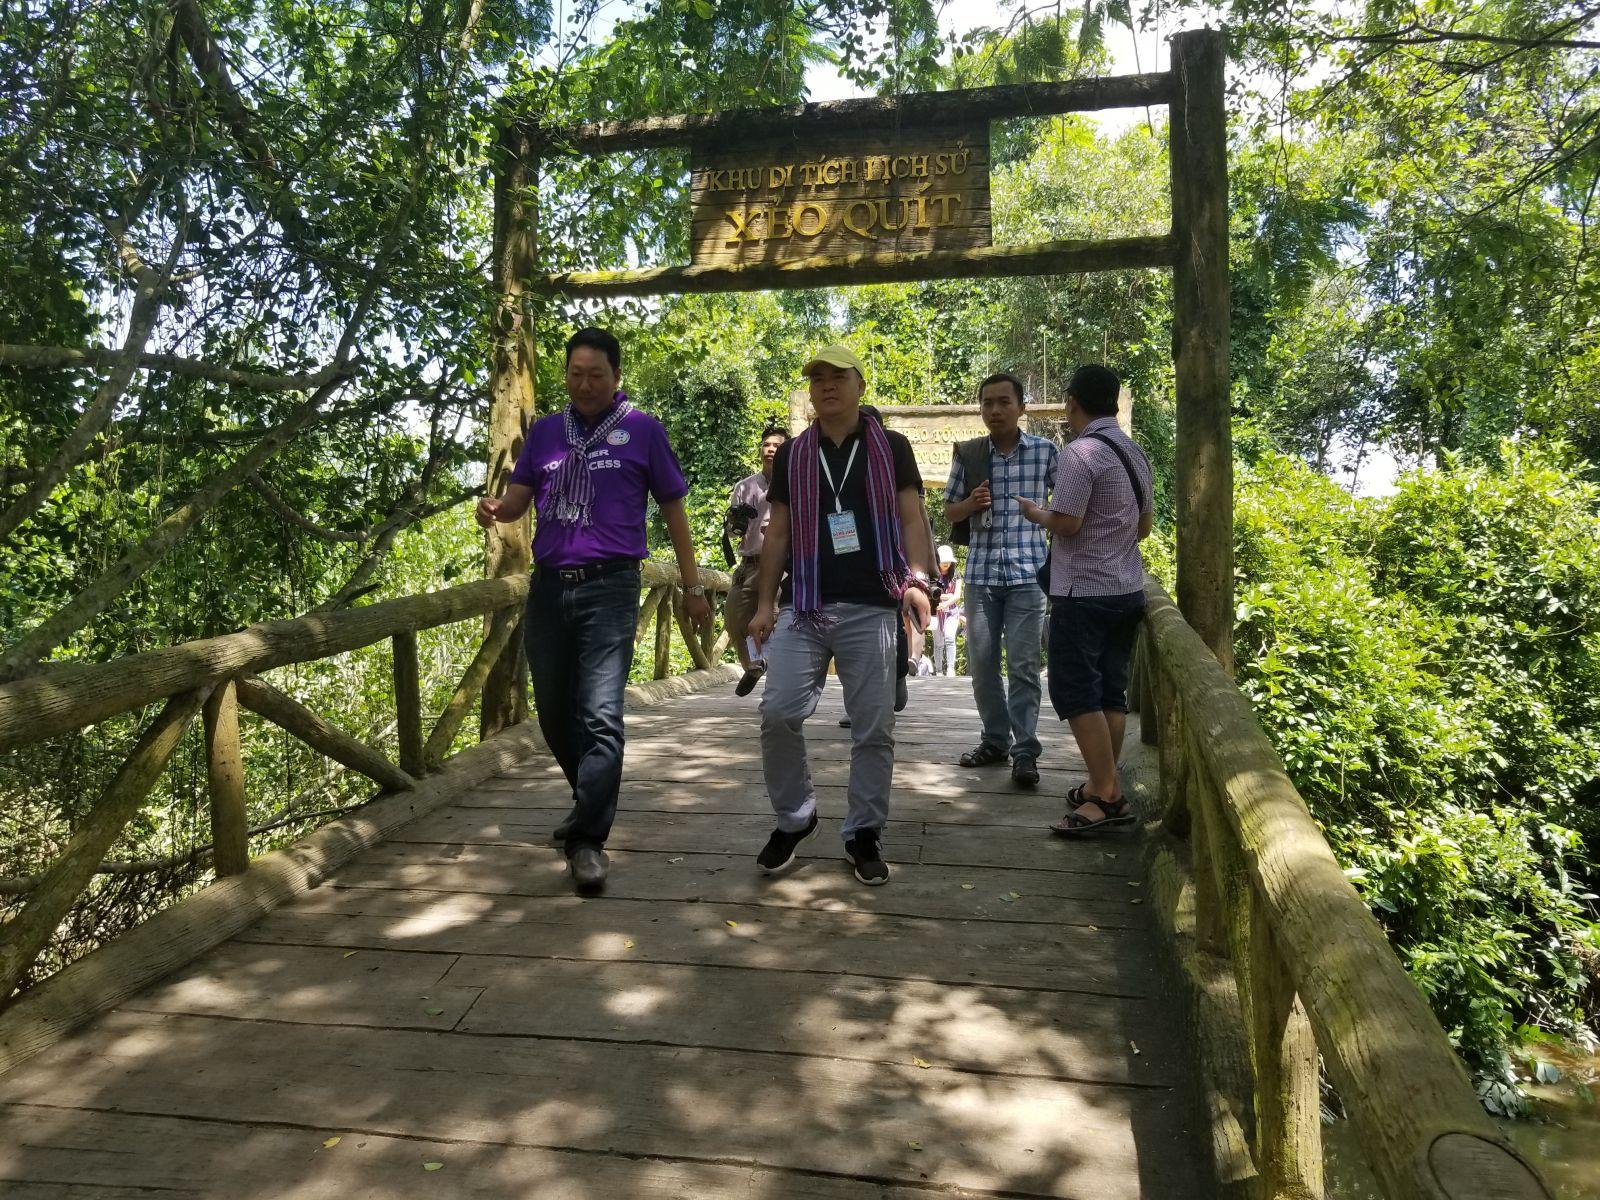 Khu di tích Xẻo Quít (Đồng Tháp) – Về nơi bảo tồn lịch sử, gìn giữ hồn quê